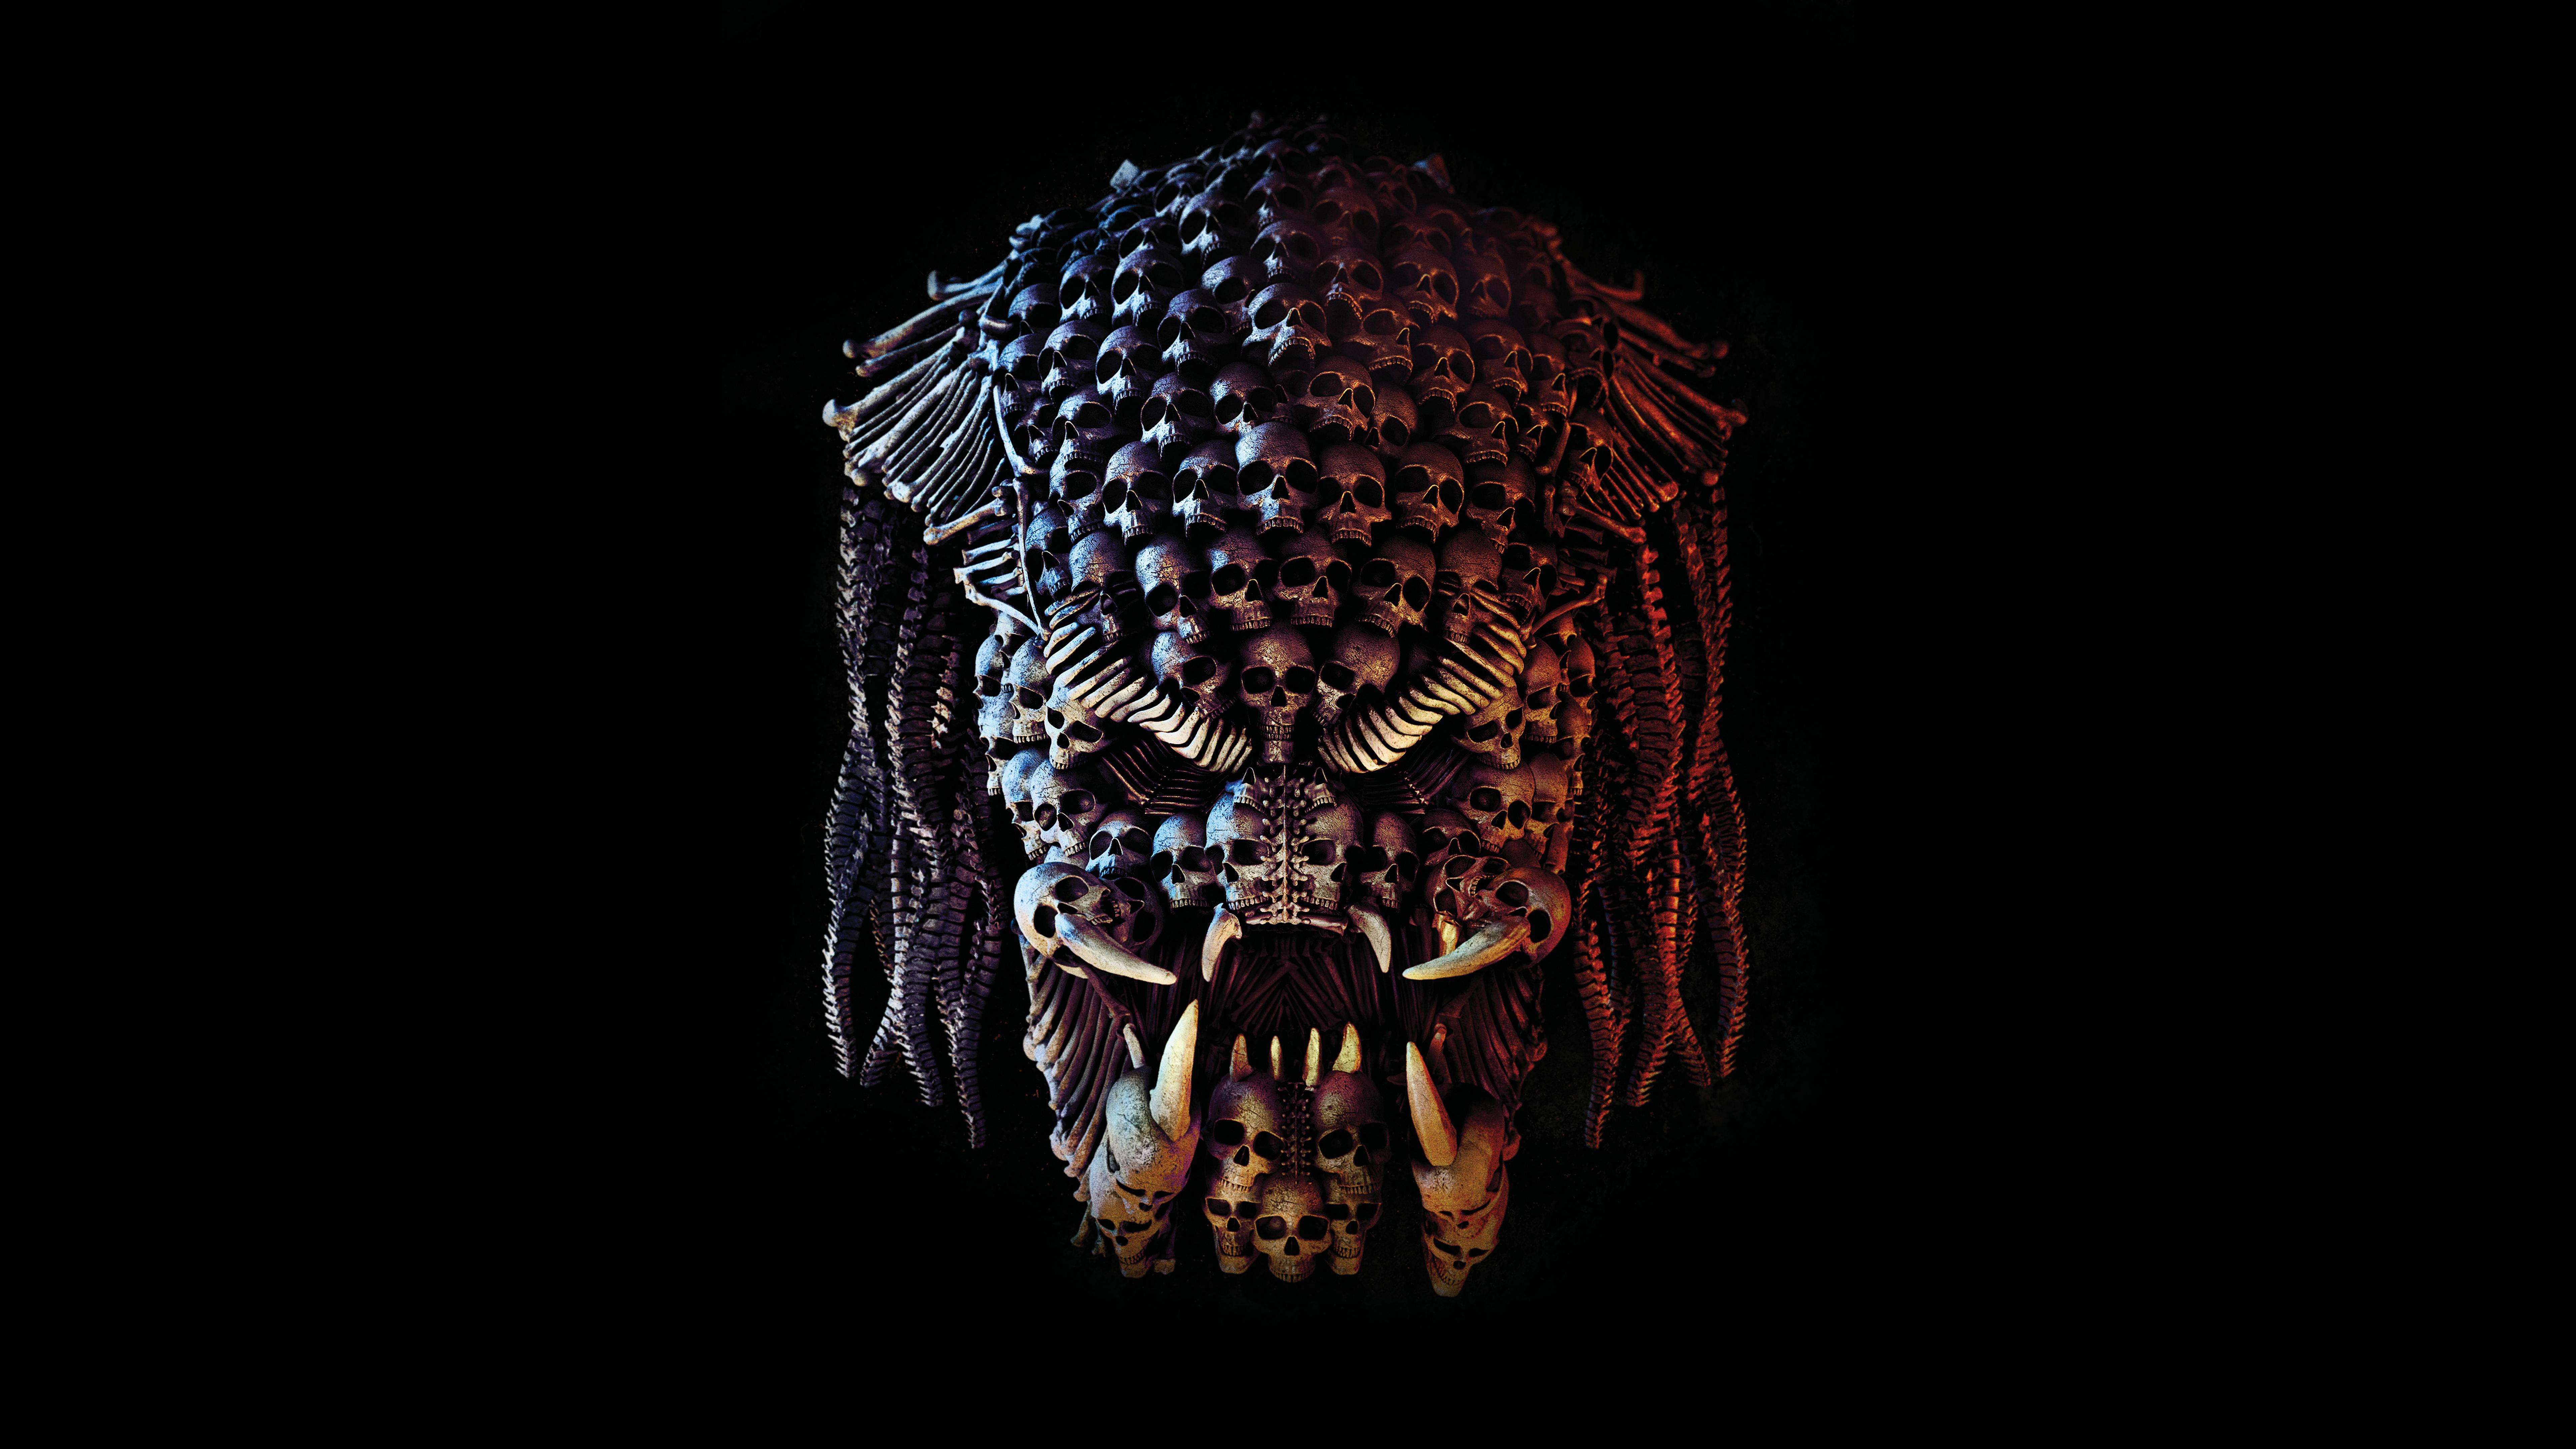 Alien Predator Sci Fi Skull The Predator Movie 7680x4320